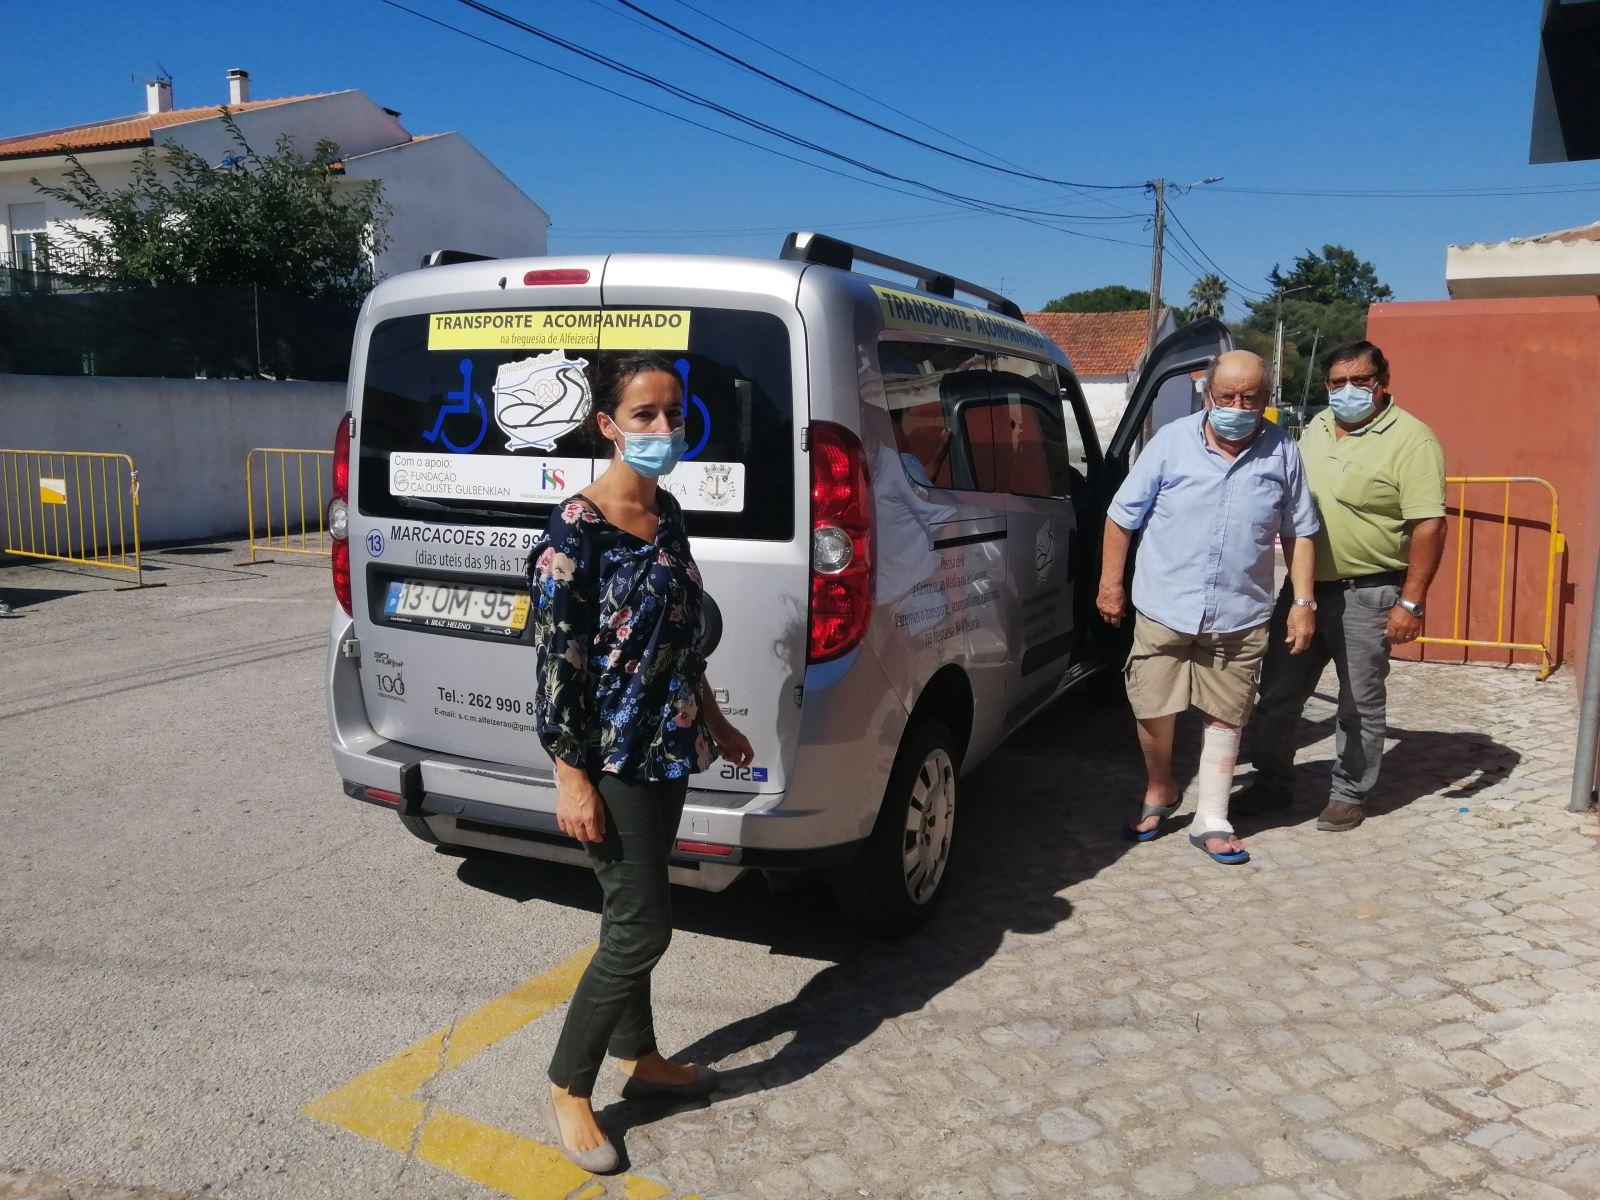 Alfeizerão | Garantir acesso a produtos e serviços da comunidade